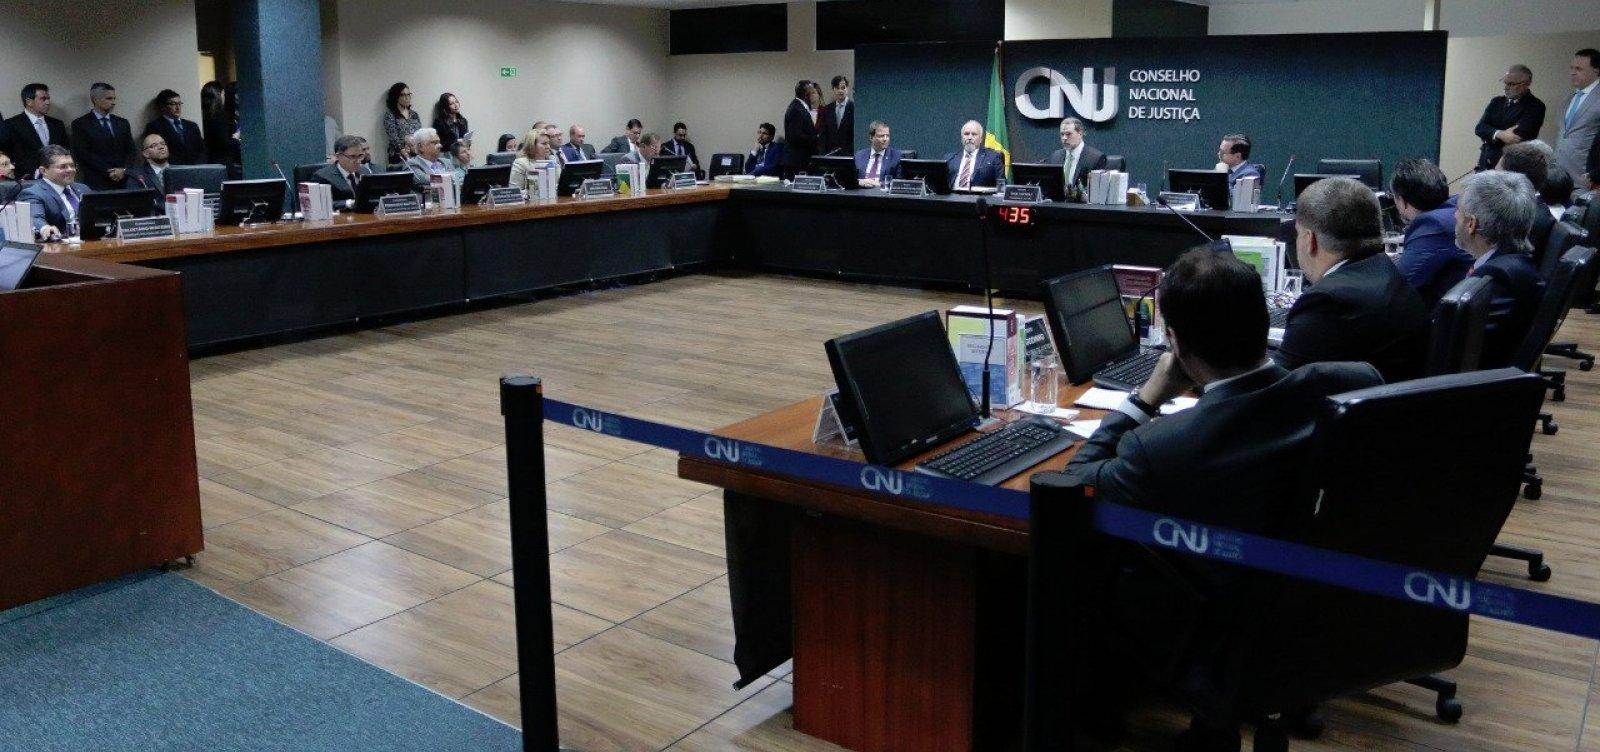 [CNJ suspende nomeação de novos desembargadores para o TJ-BA]